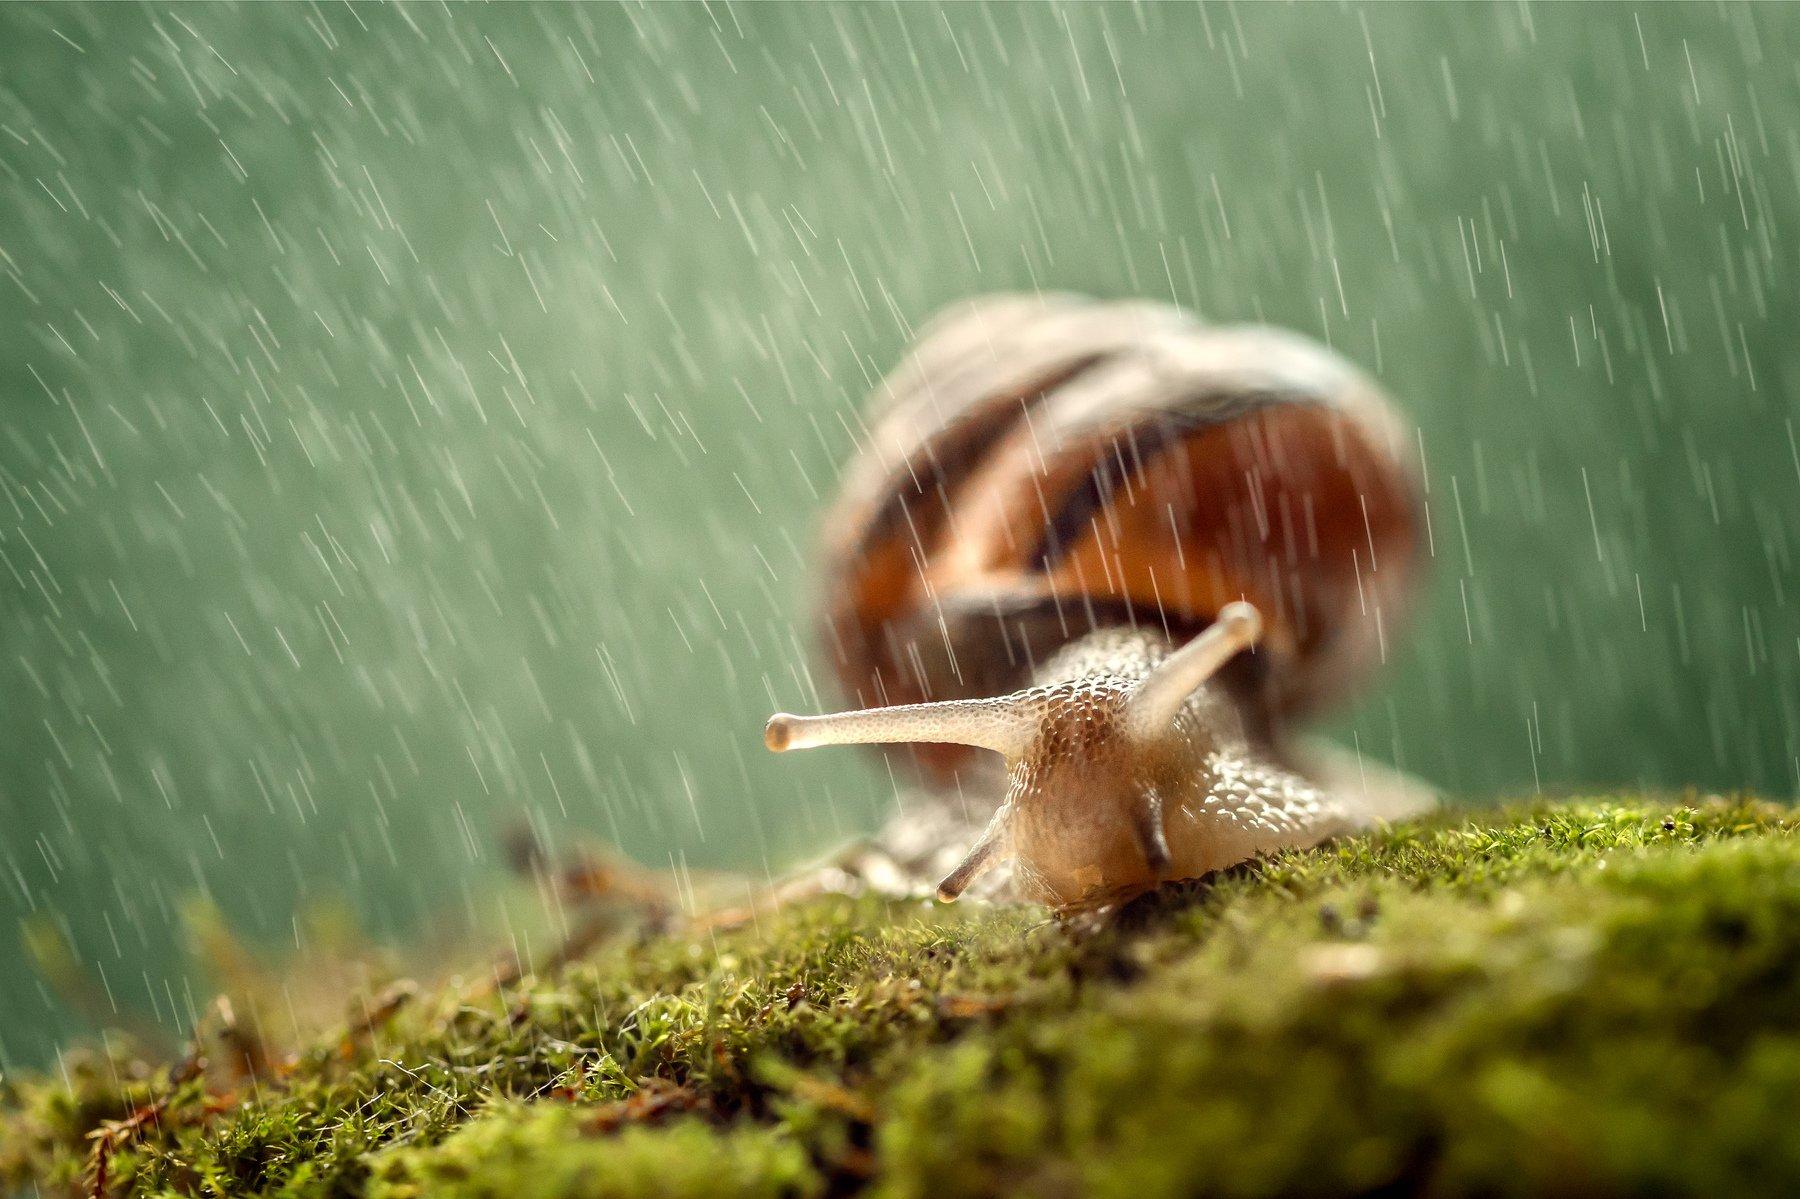 улитка, дождь, капли, непогода, макро, ракушка, Татьяна Тетерева